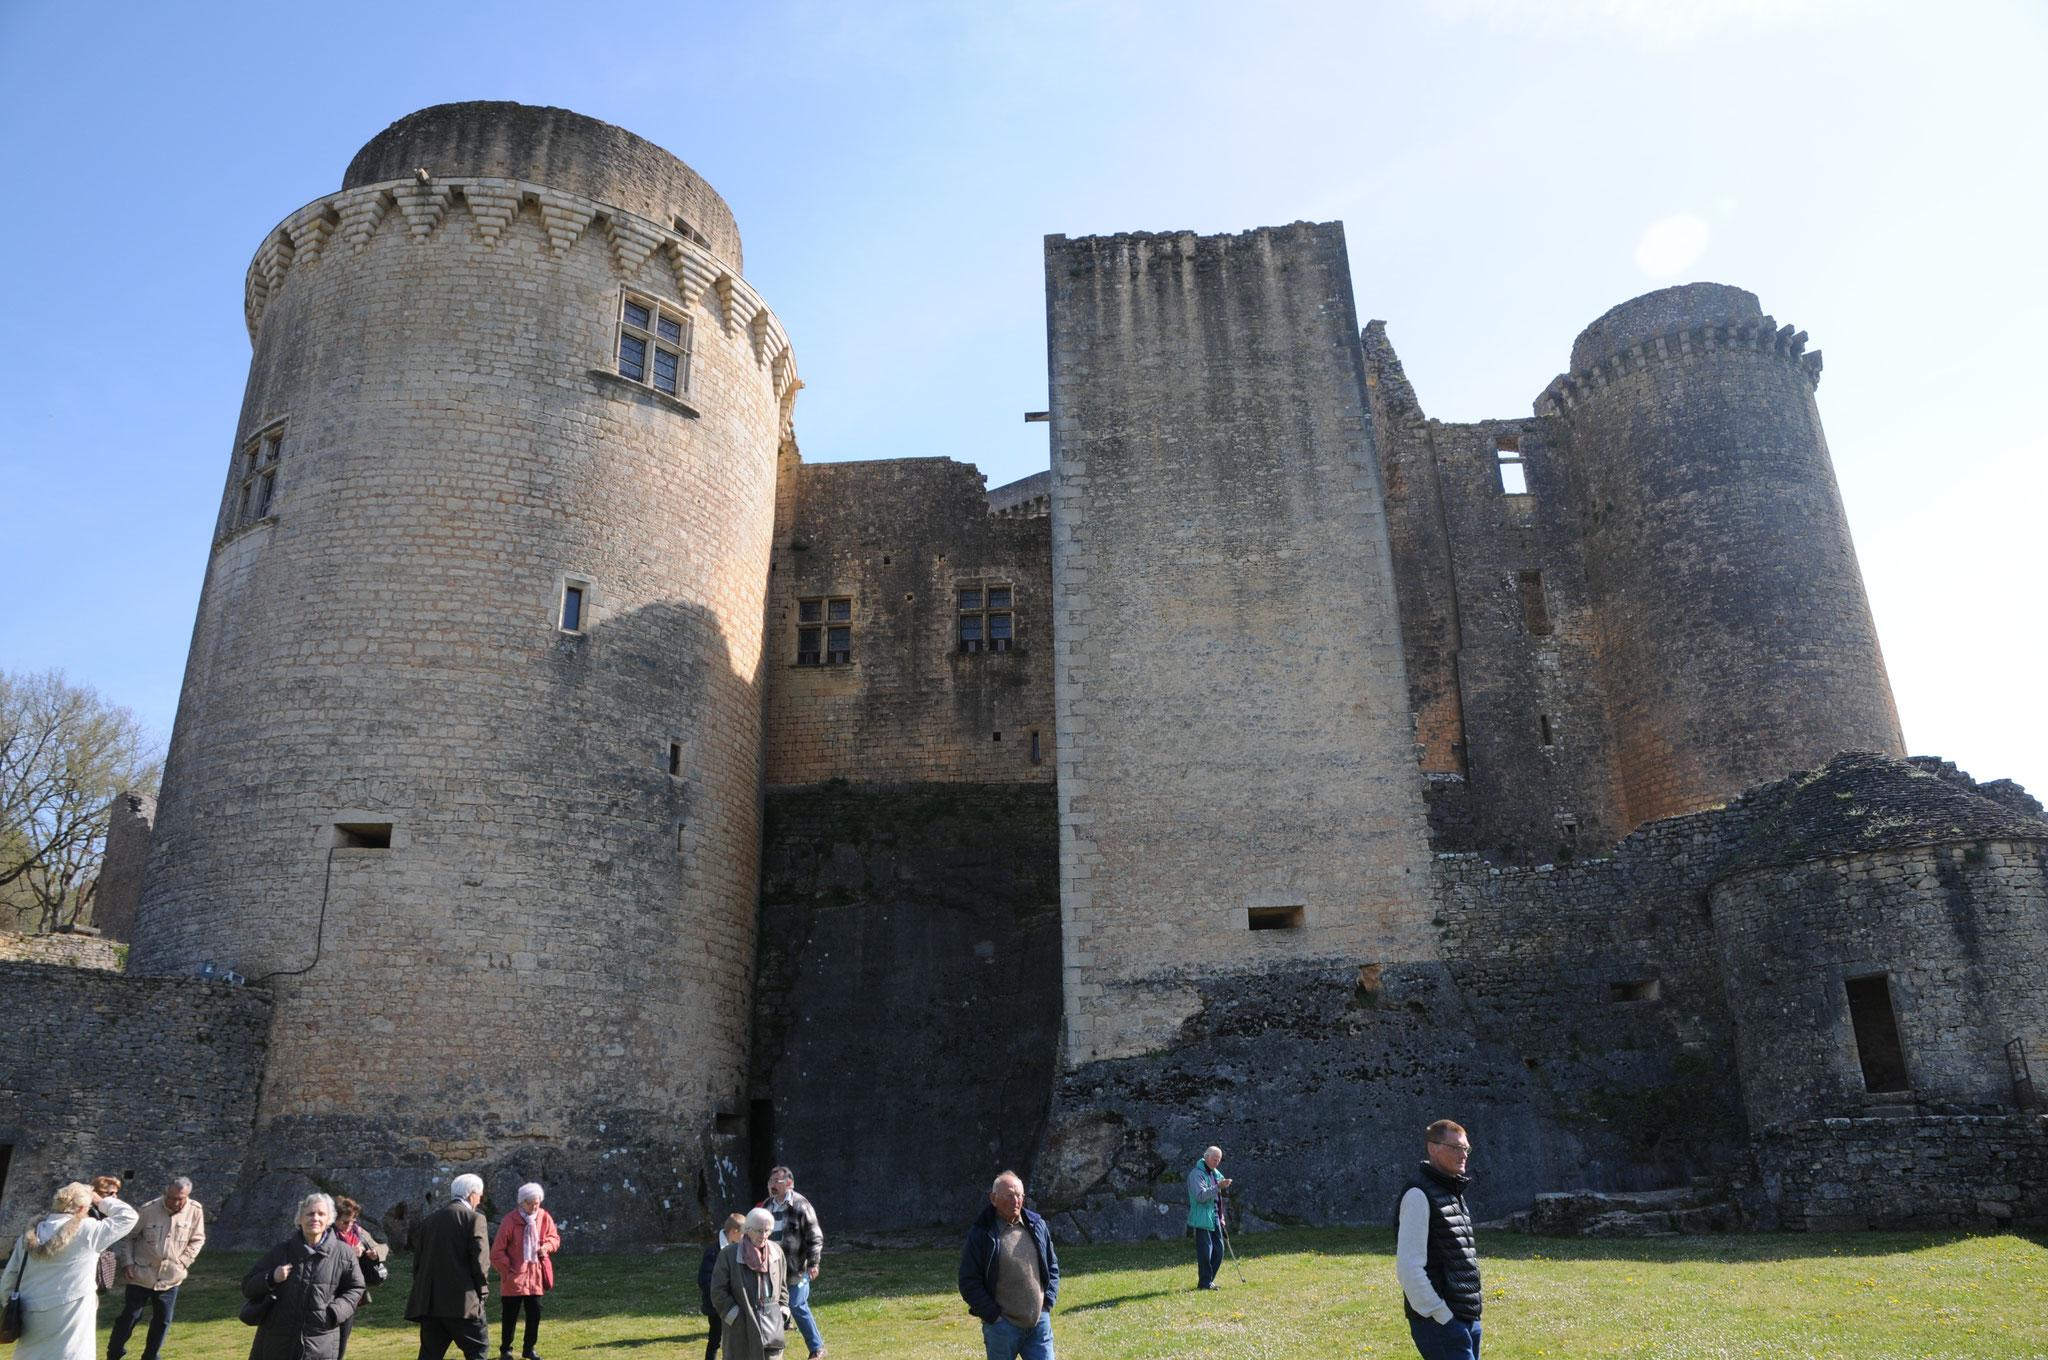 Le château de Bonaguil : depuis la terrasse, la Grosse Tour, la Tour Carrée, la Tour Rouge.